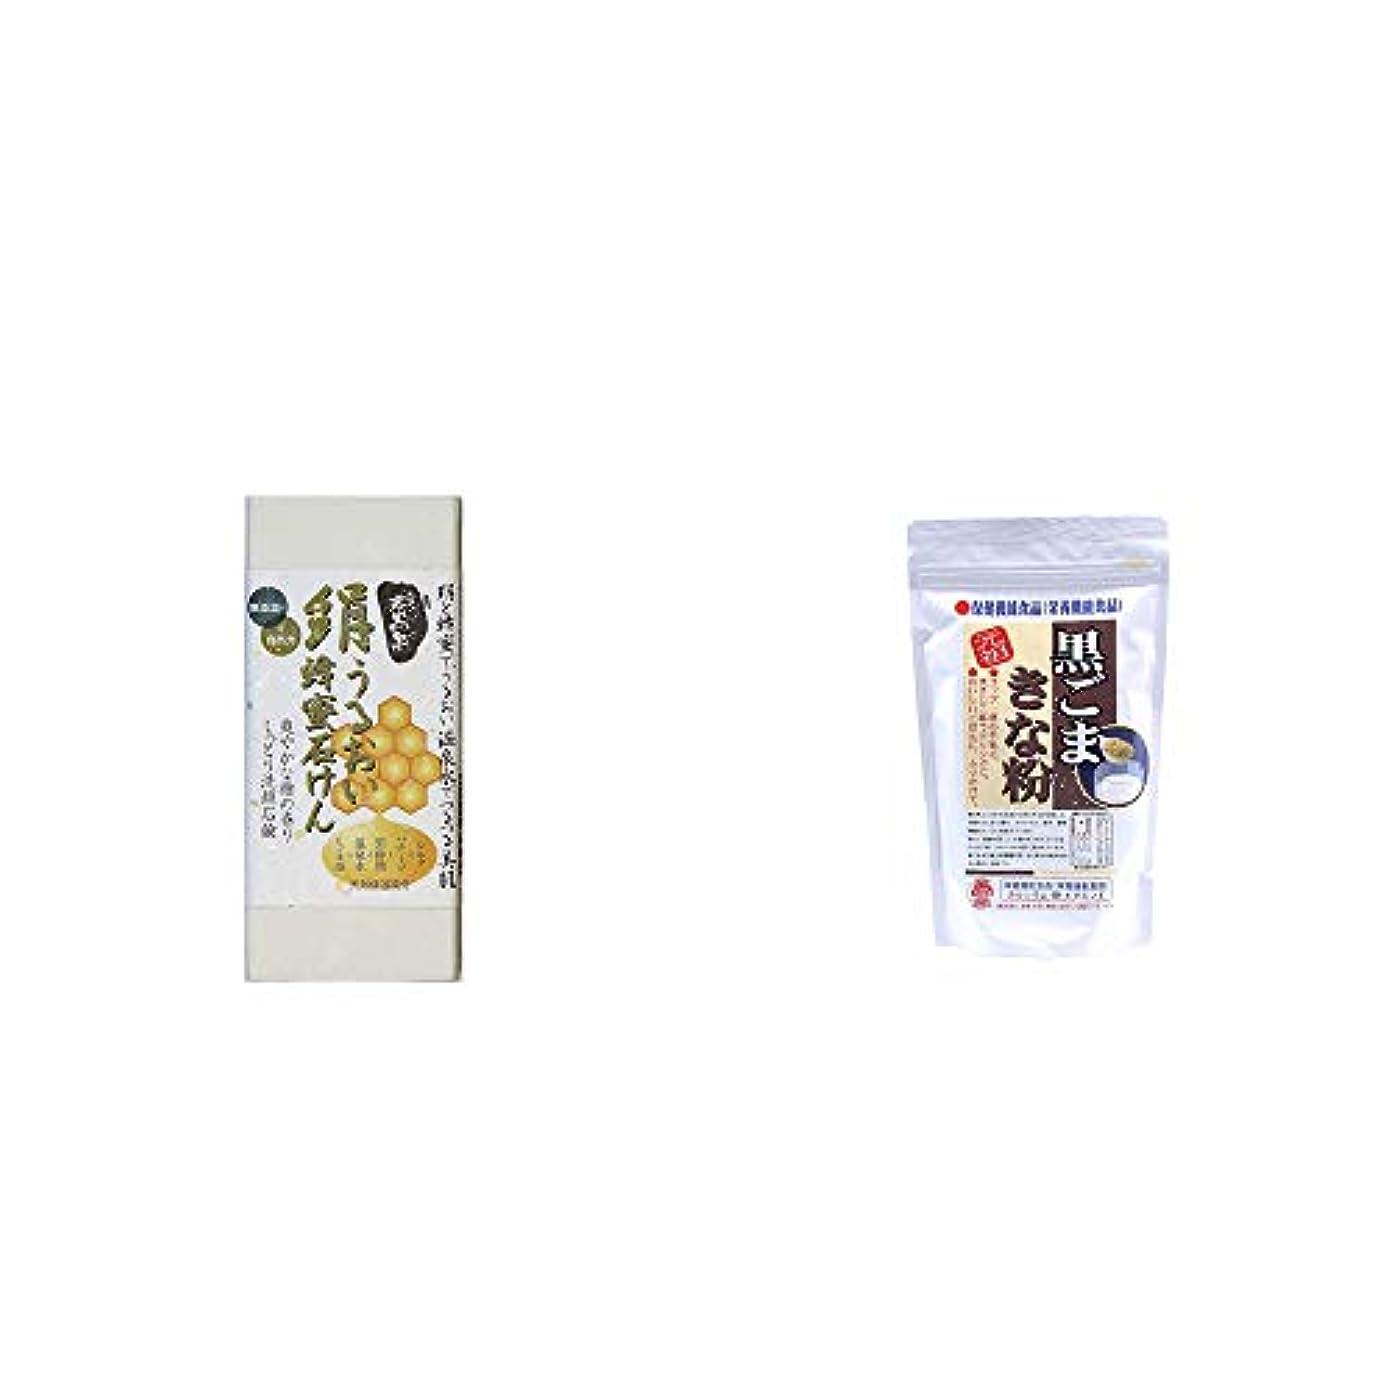 統治可能ショルダー品種[2点セット] ひのき炭黒泉 絹うるおい蜂蜜石けん(75g×2)?黒ごまきな粉(270g)